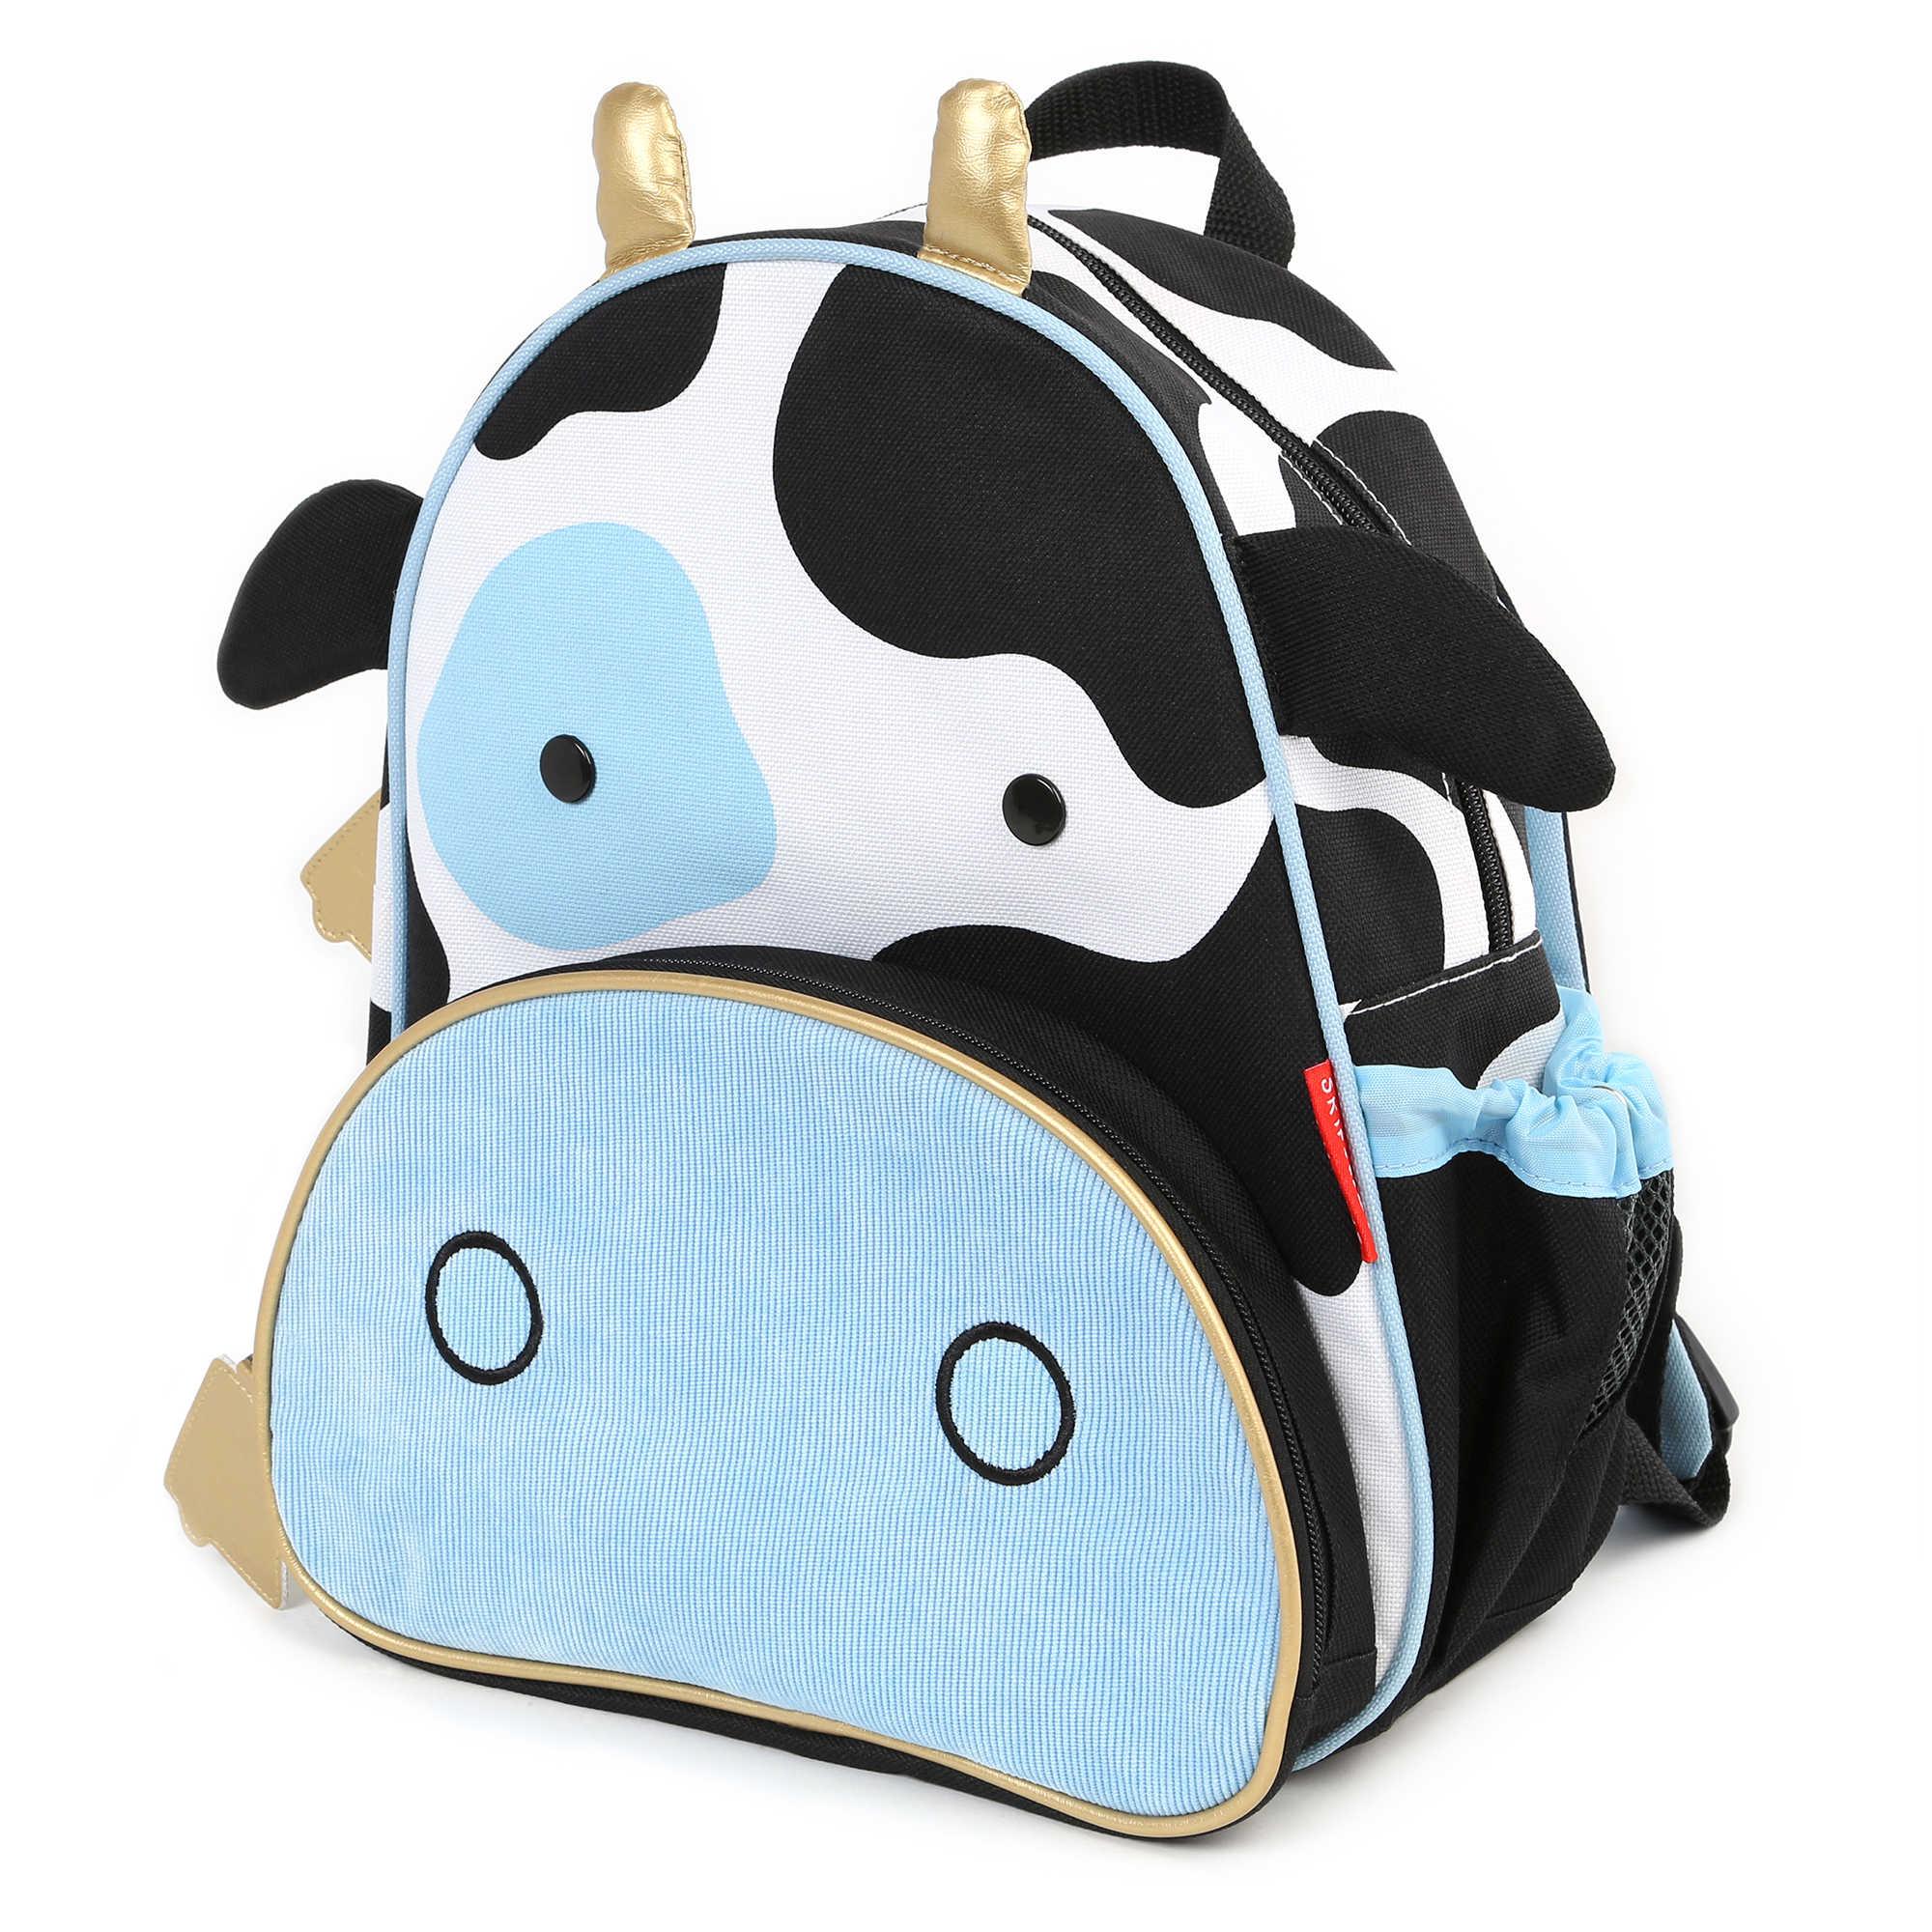 Рюкзак детский КороваДетские рюкзаки<br>Рюкзак детский Корова<br>